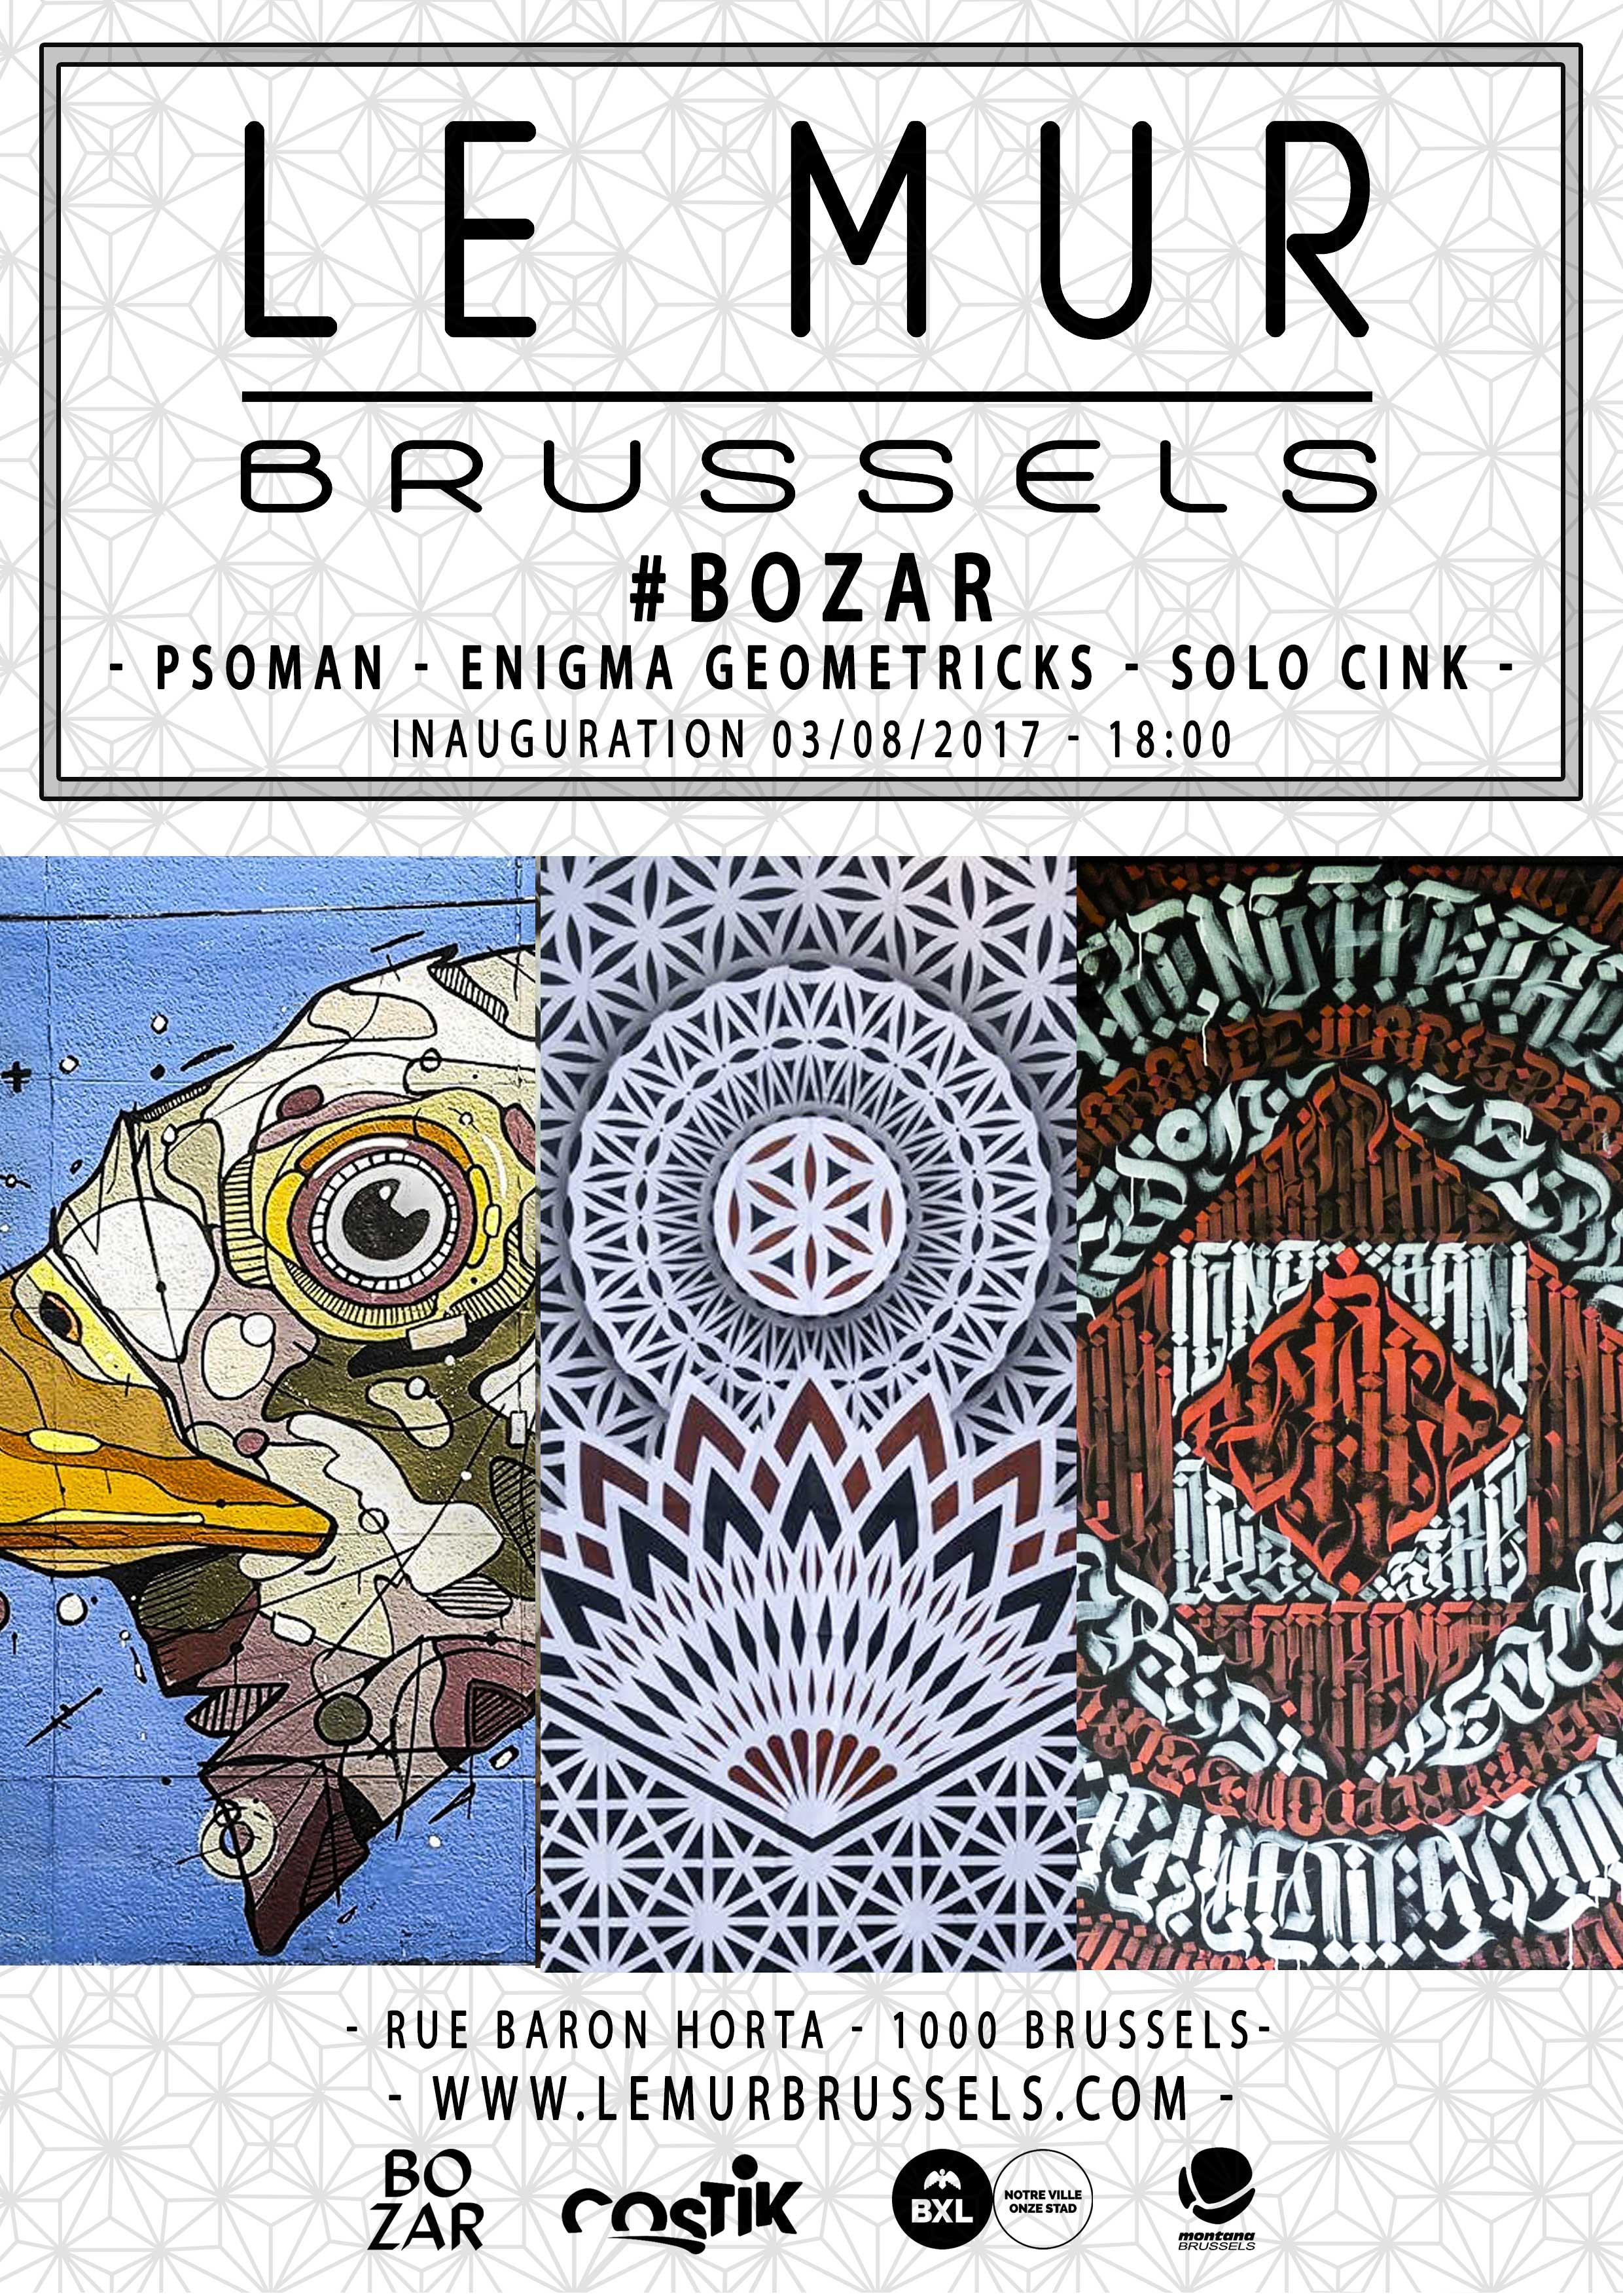 Le-MUR-Brussels#BOZAR-02web